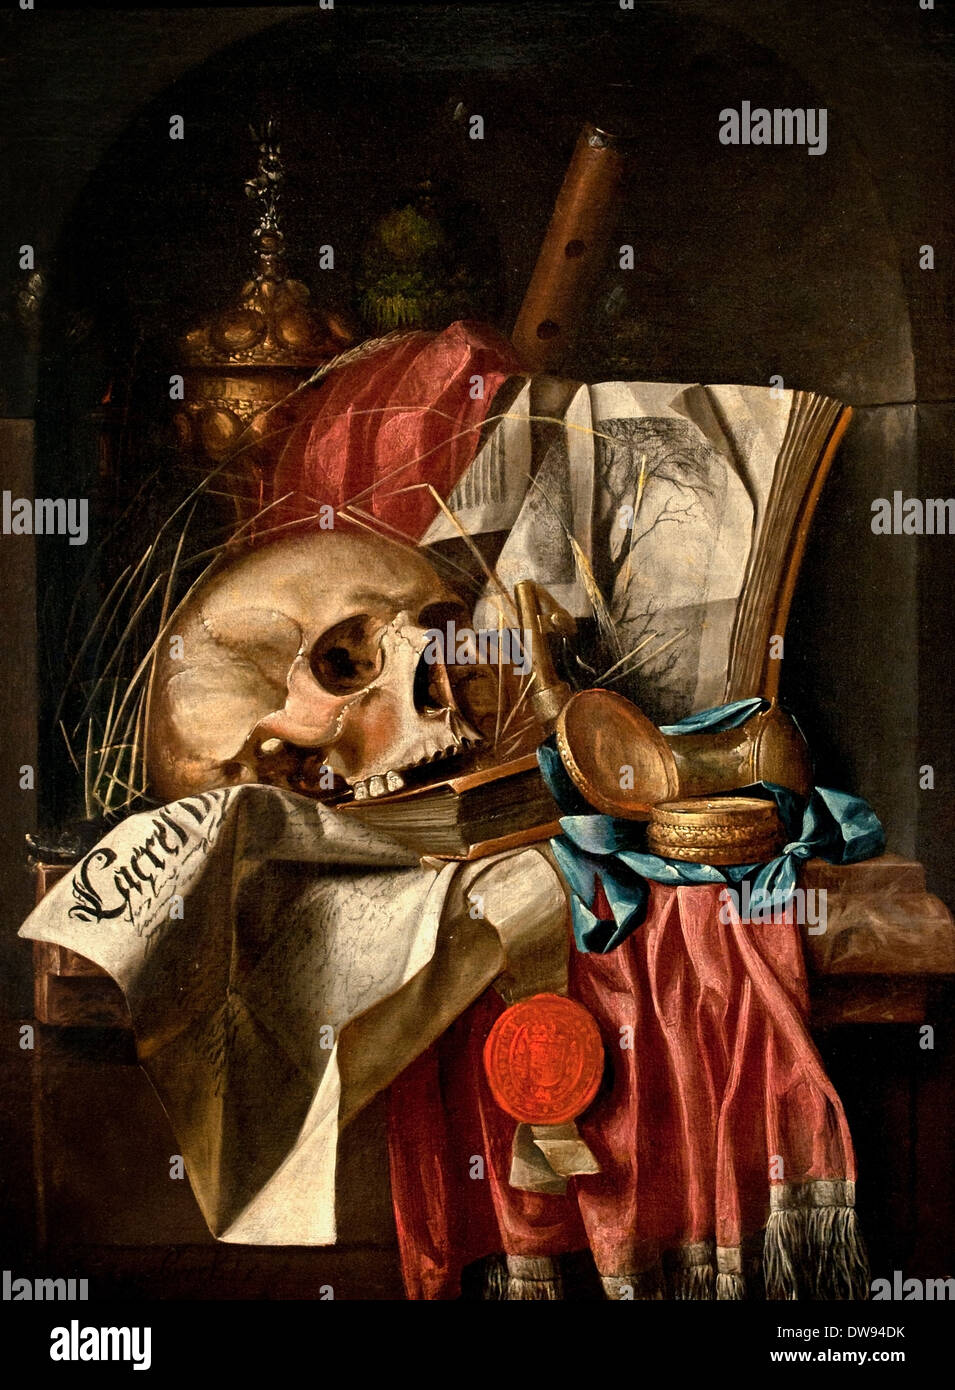 Vanity still life 1665 1670 simon renard de saint andr paris stock photo 67198591 alamy - Vanite simon renard de saint andre ...